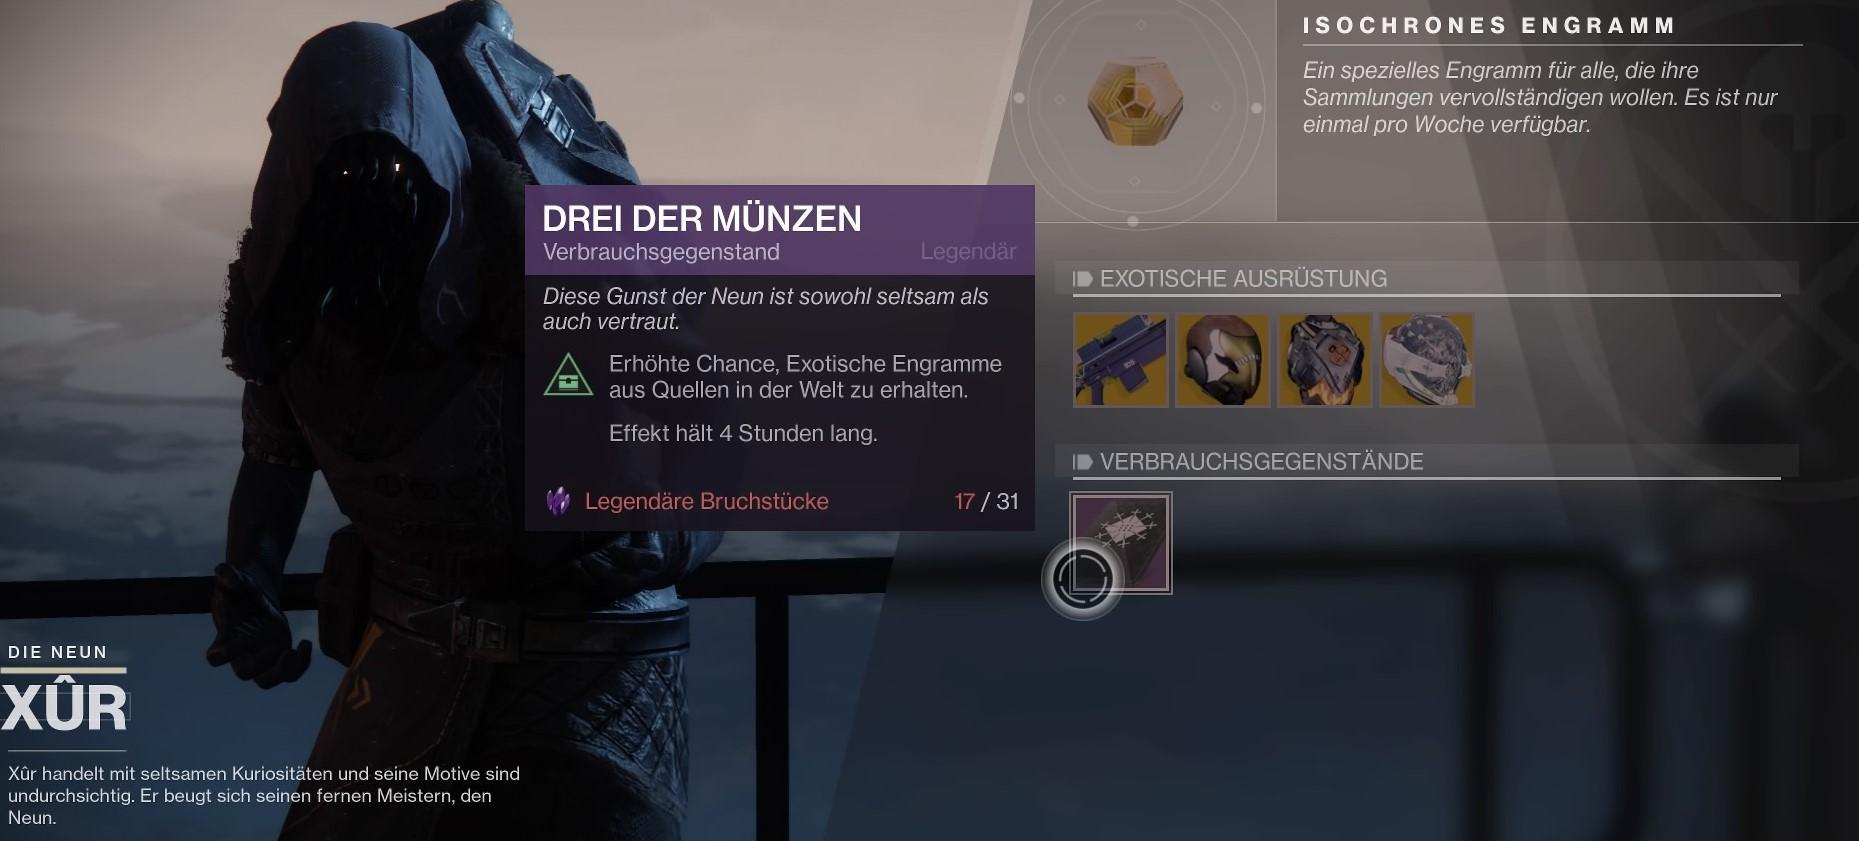 Destiny 2 Lohnen Sich Die Drei Der Münzen Mein Mmode